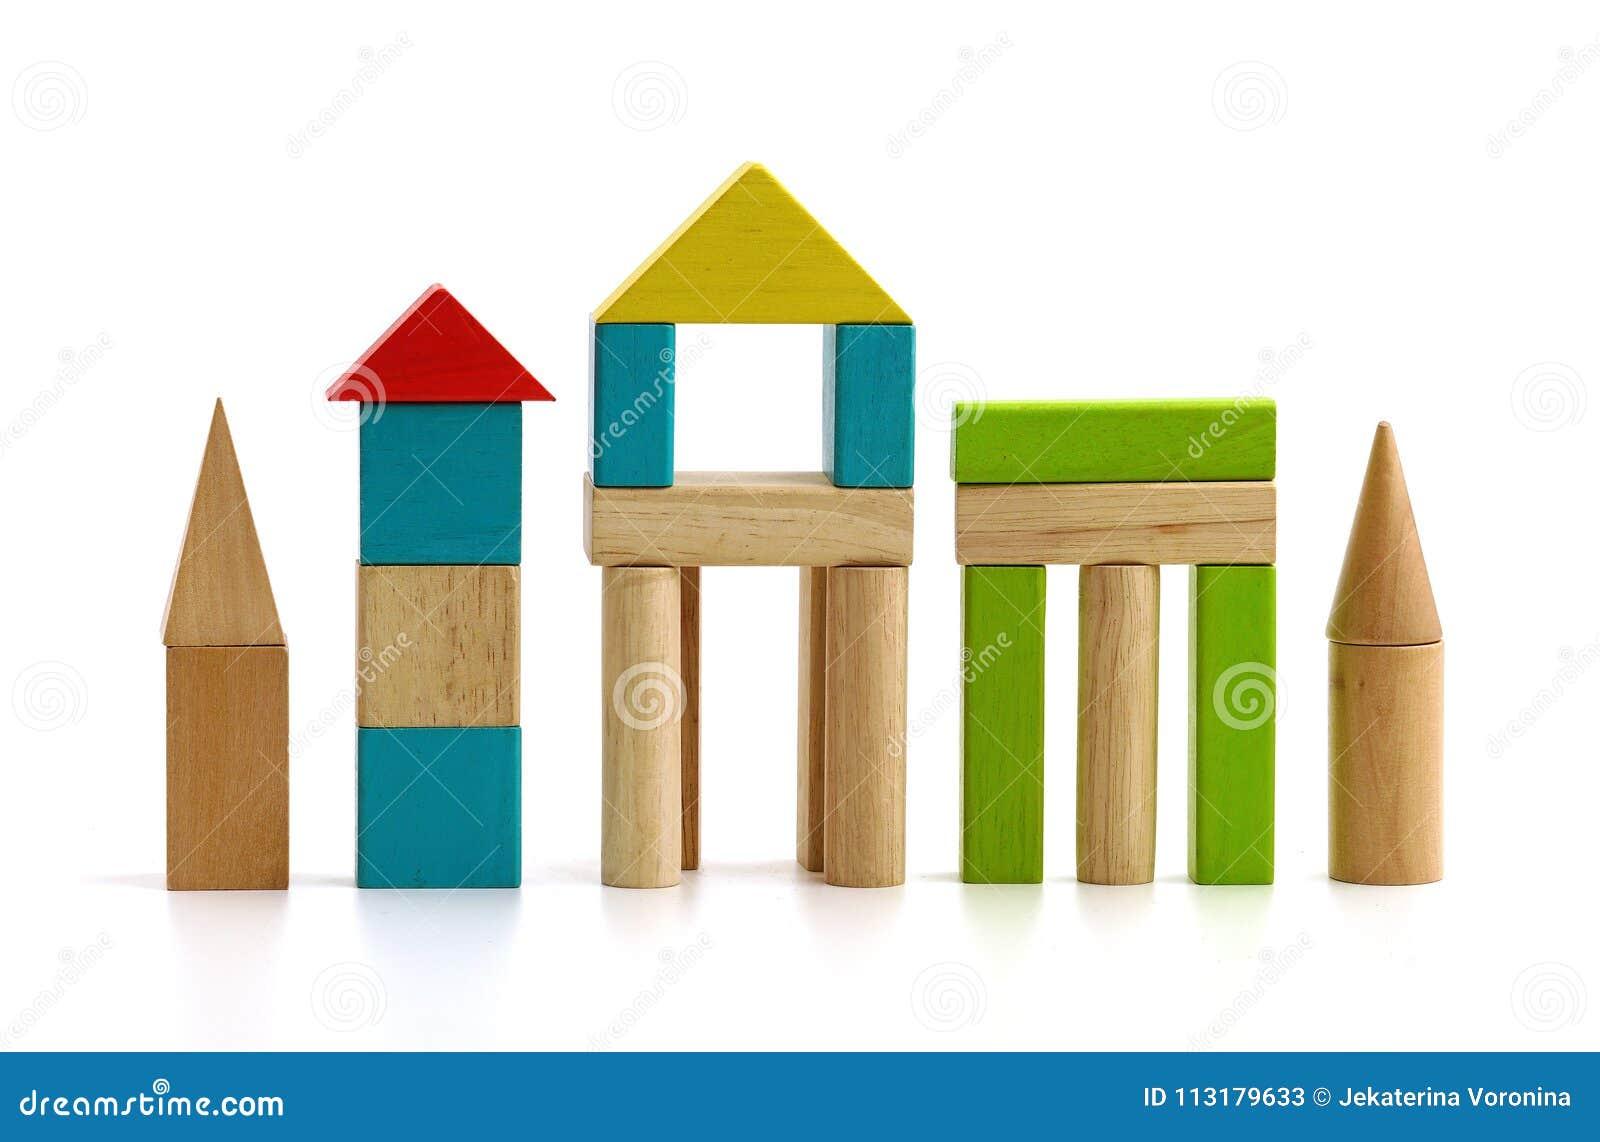 Children& x27; s-träkvarter på vit bakgrund